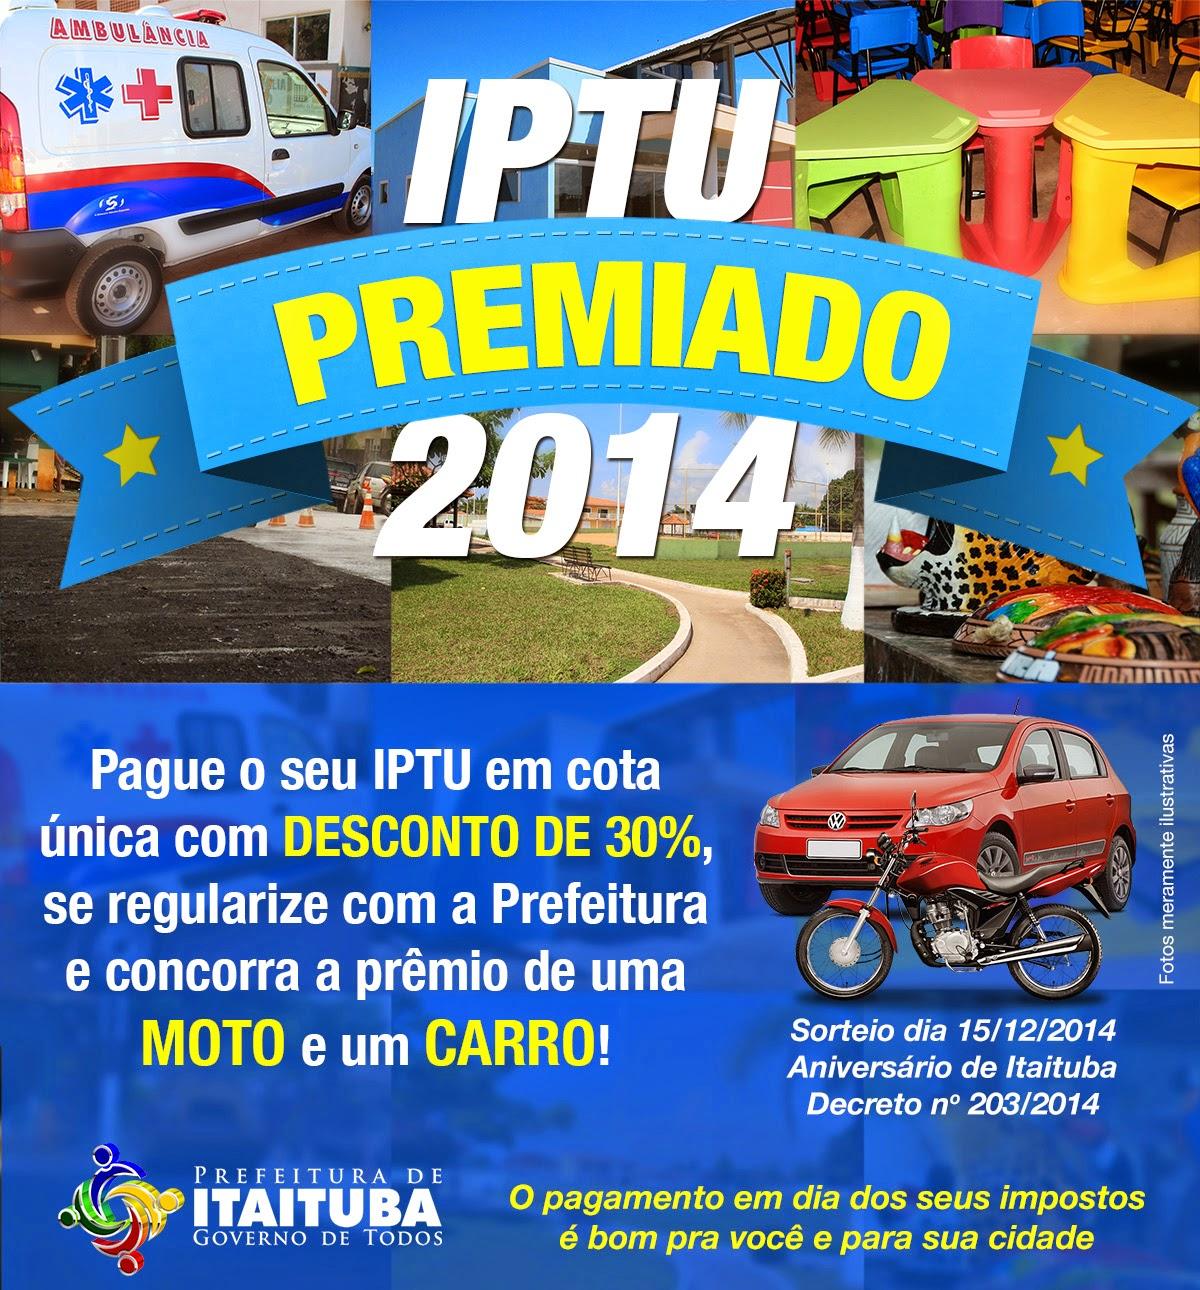 IPTU Premiado  2014